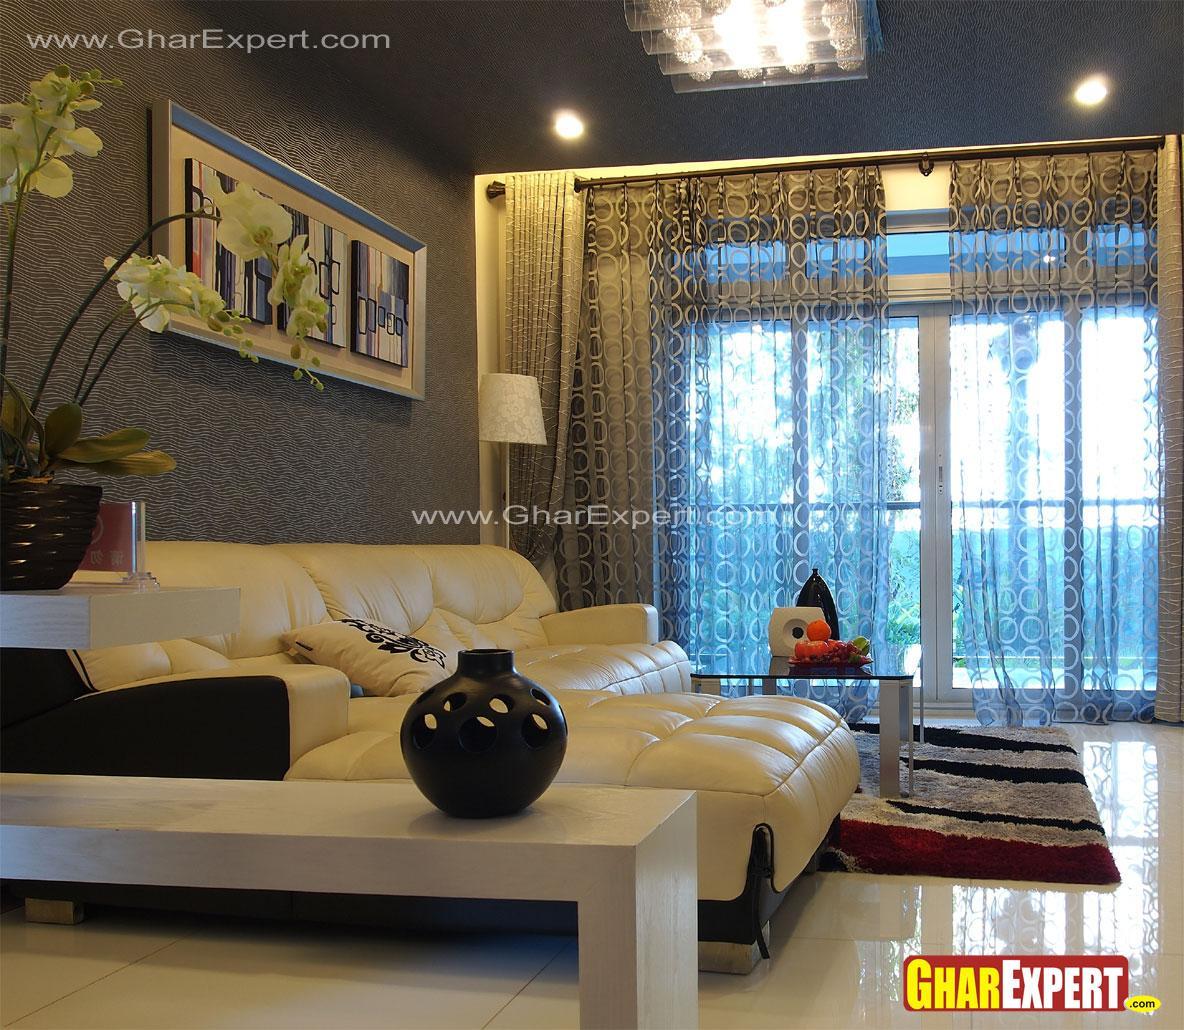 Royal upholstered sofa for liv....